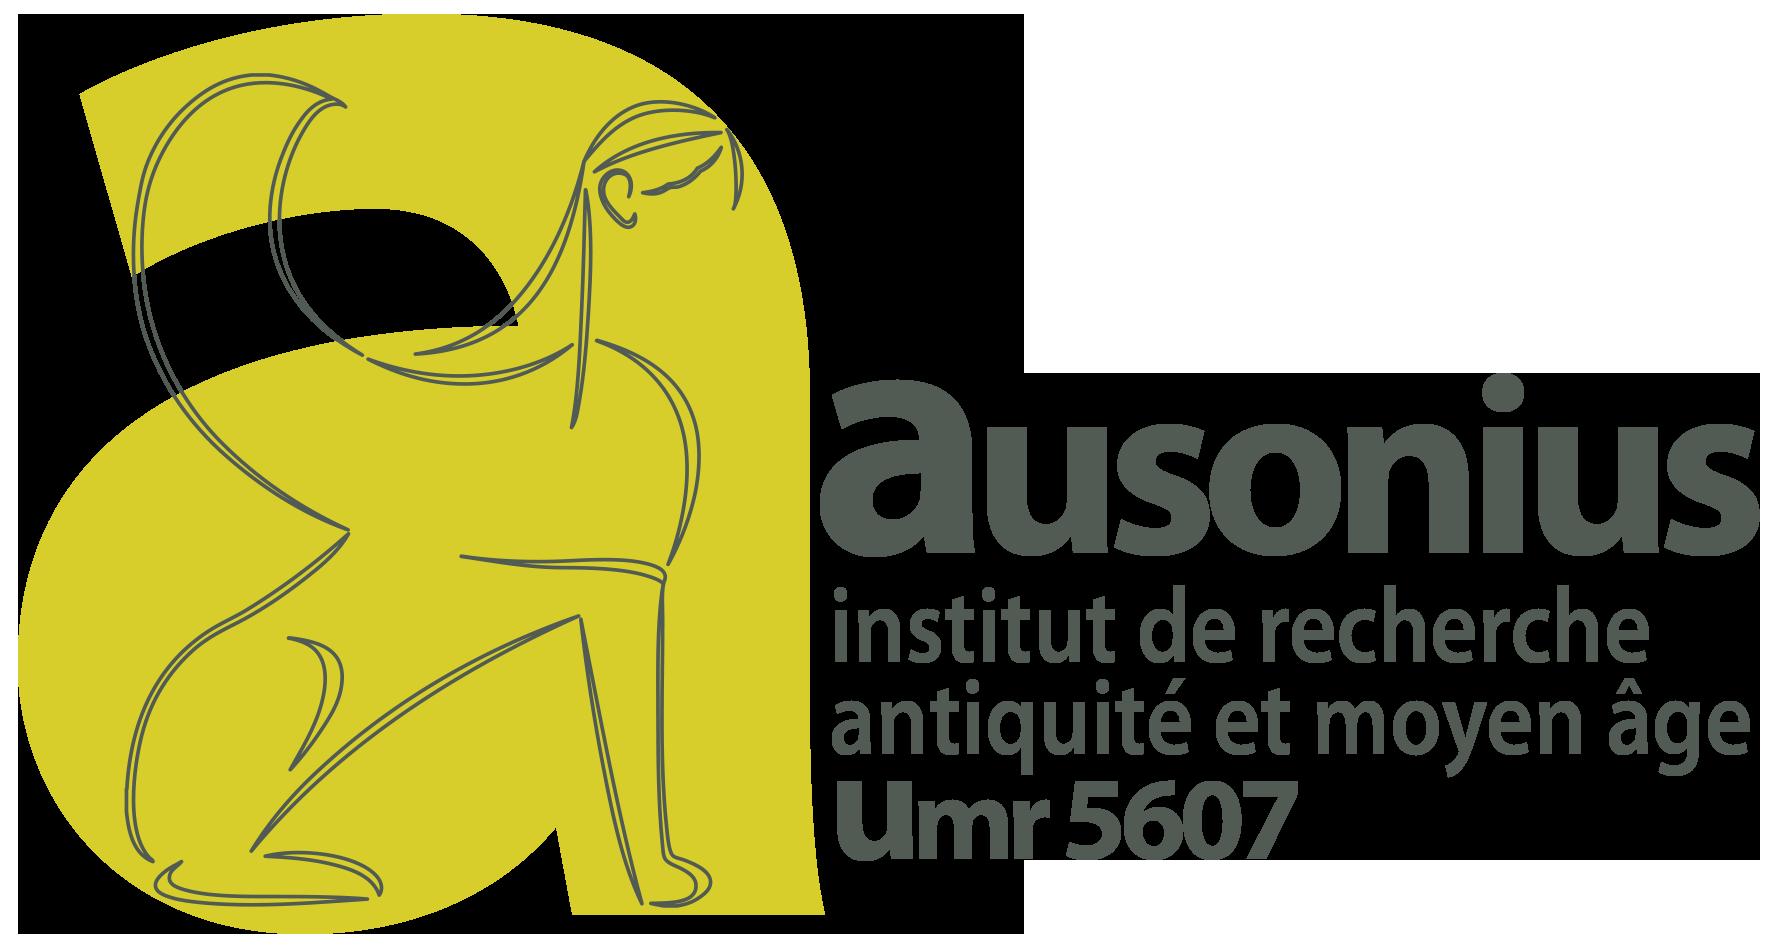 Logo de l'institut Ausonius